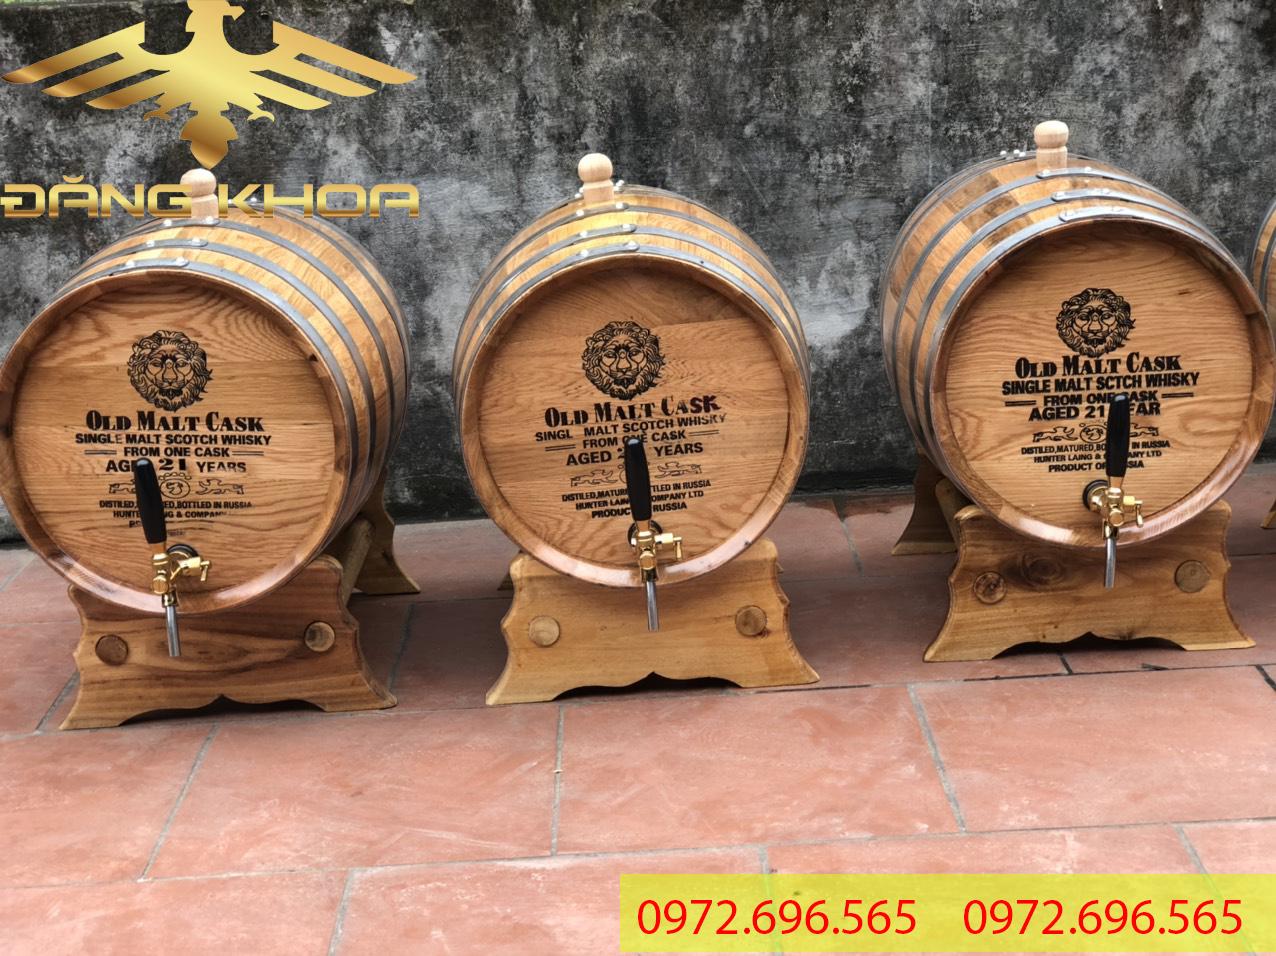 Giá của thùng gỗ sồi rất hợp lý trên thị trường